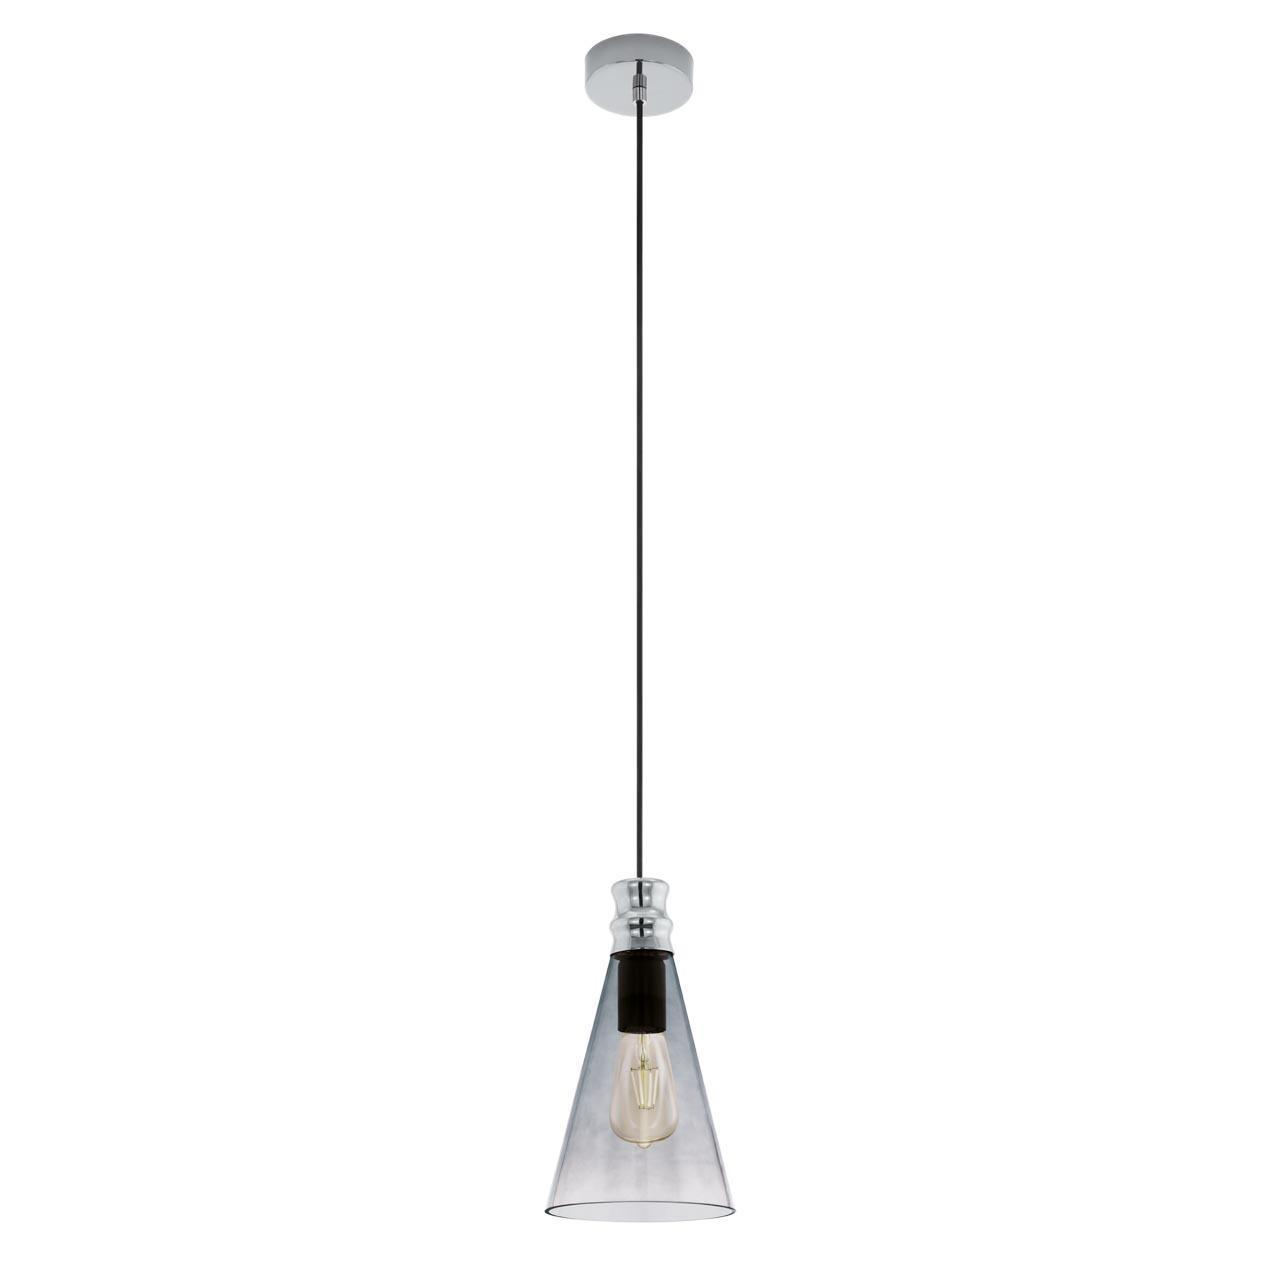 Подвесной светильник Eglo Frampton 1 49154